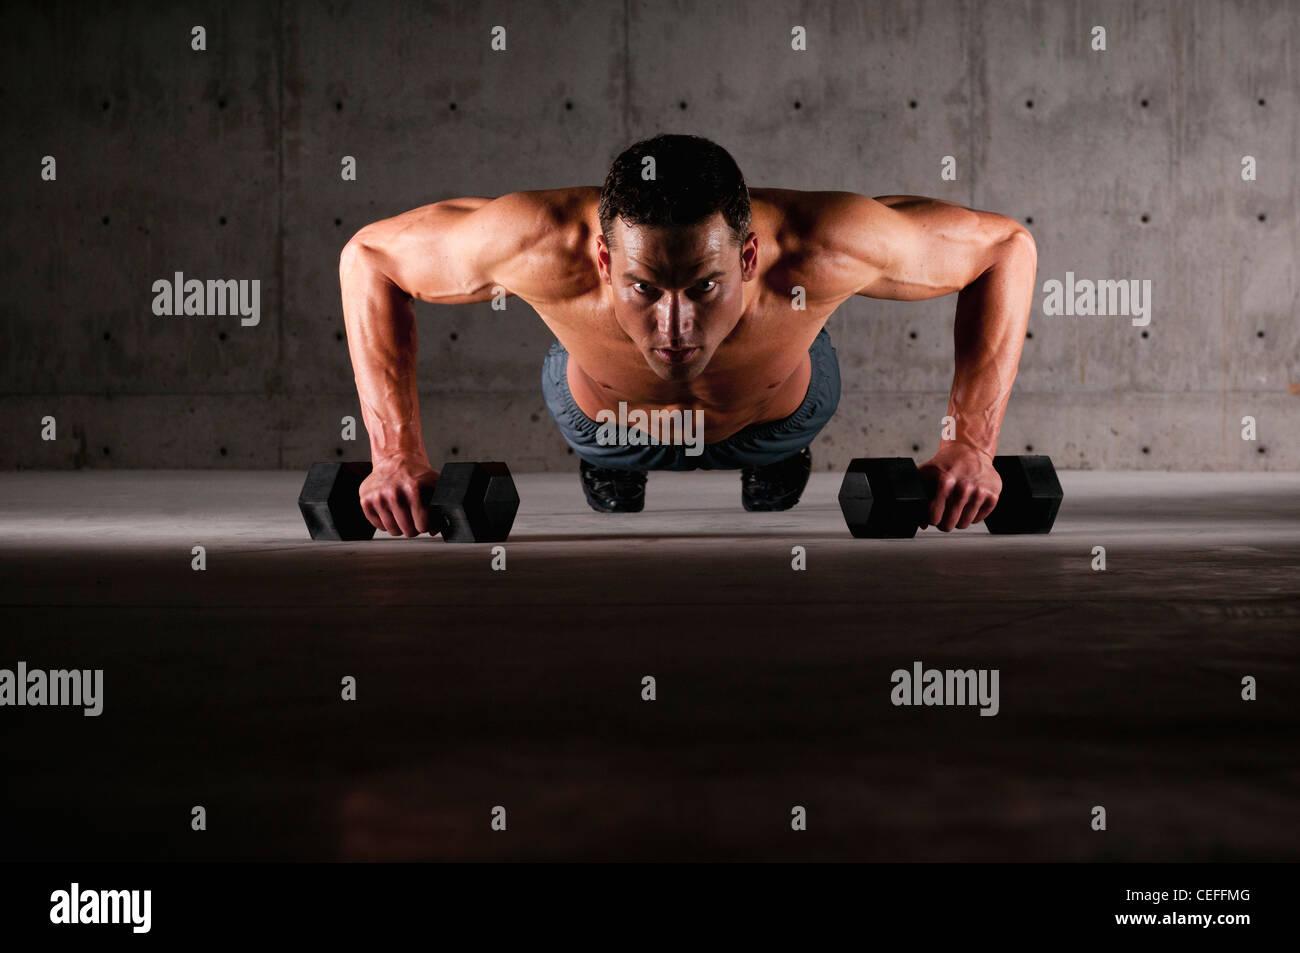 Atleta haciendo flexiones sobre pesos Imagen De Stock